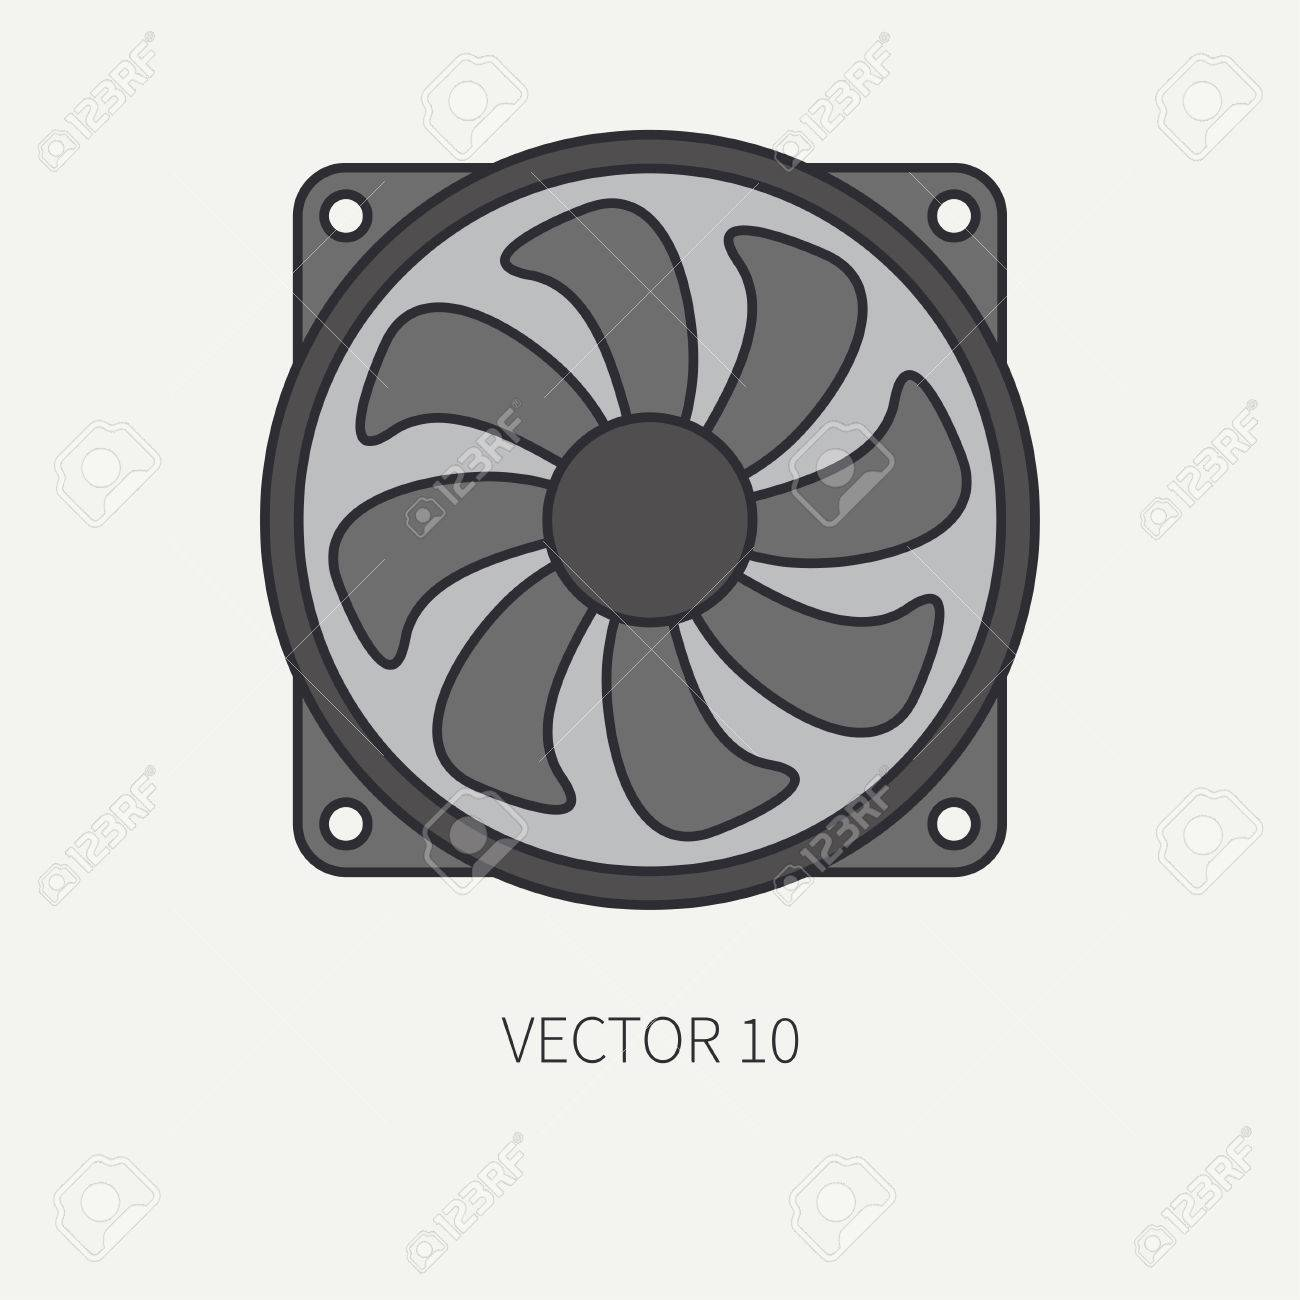 ライン フラット カラー ベクトル コンピューター部品アイコン冷却